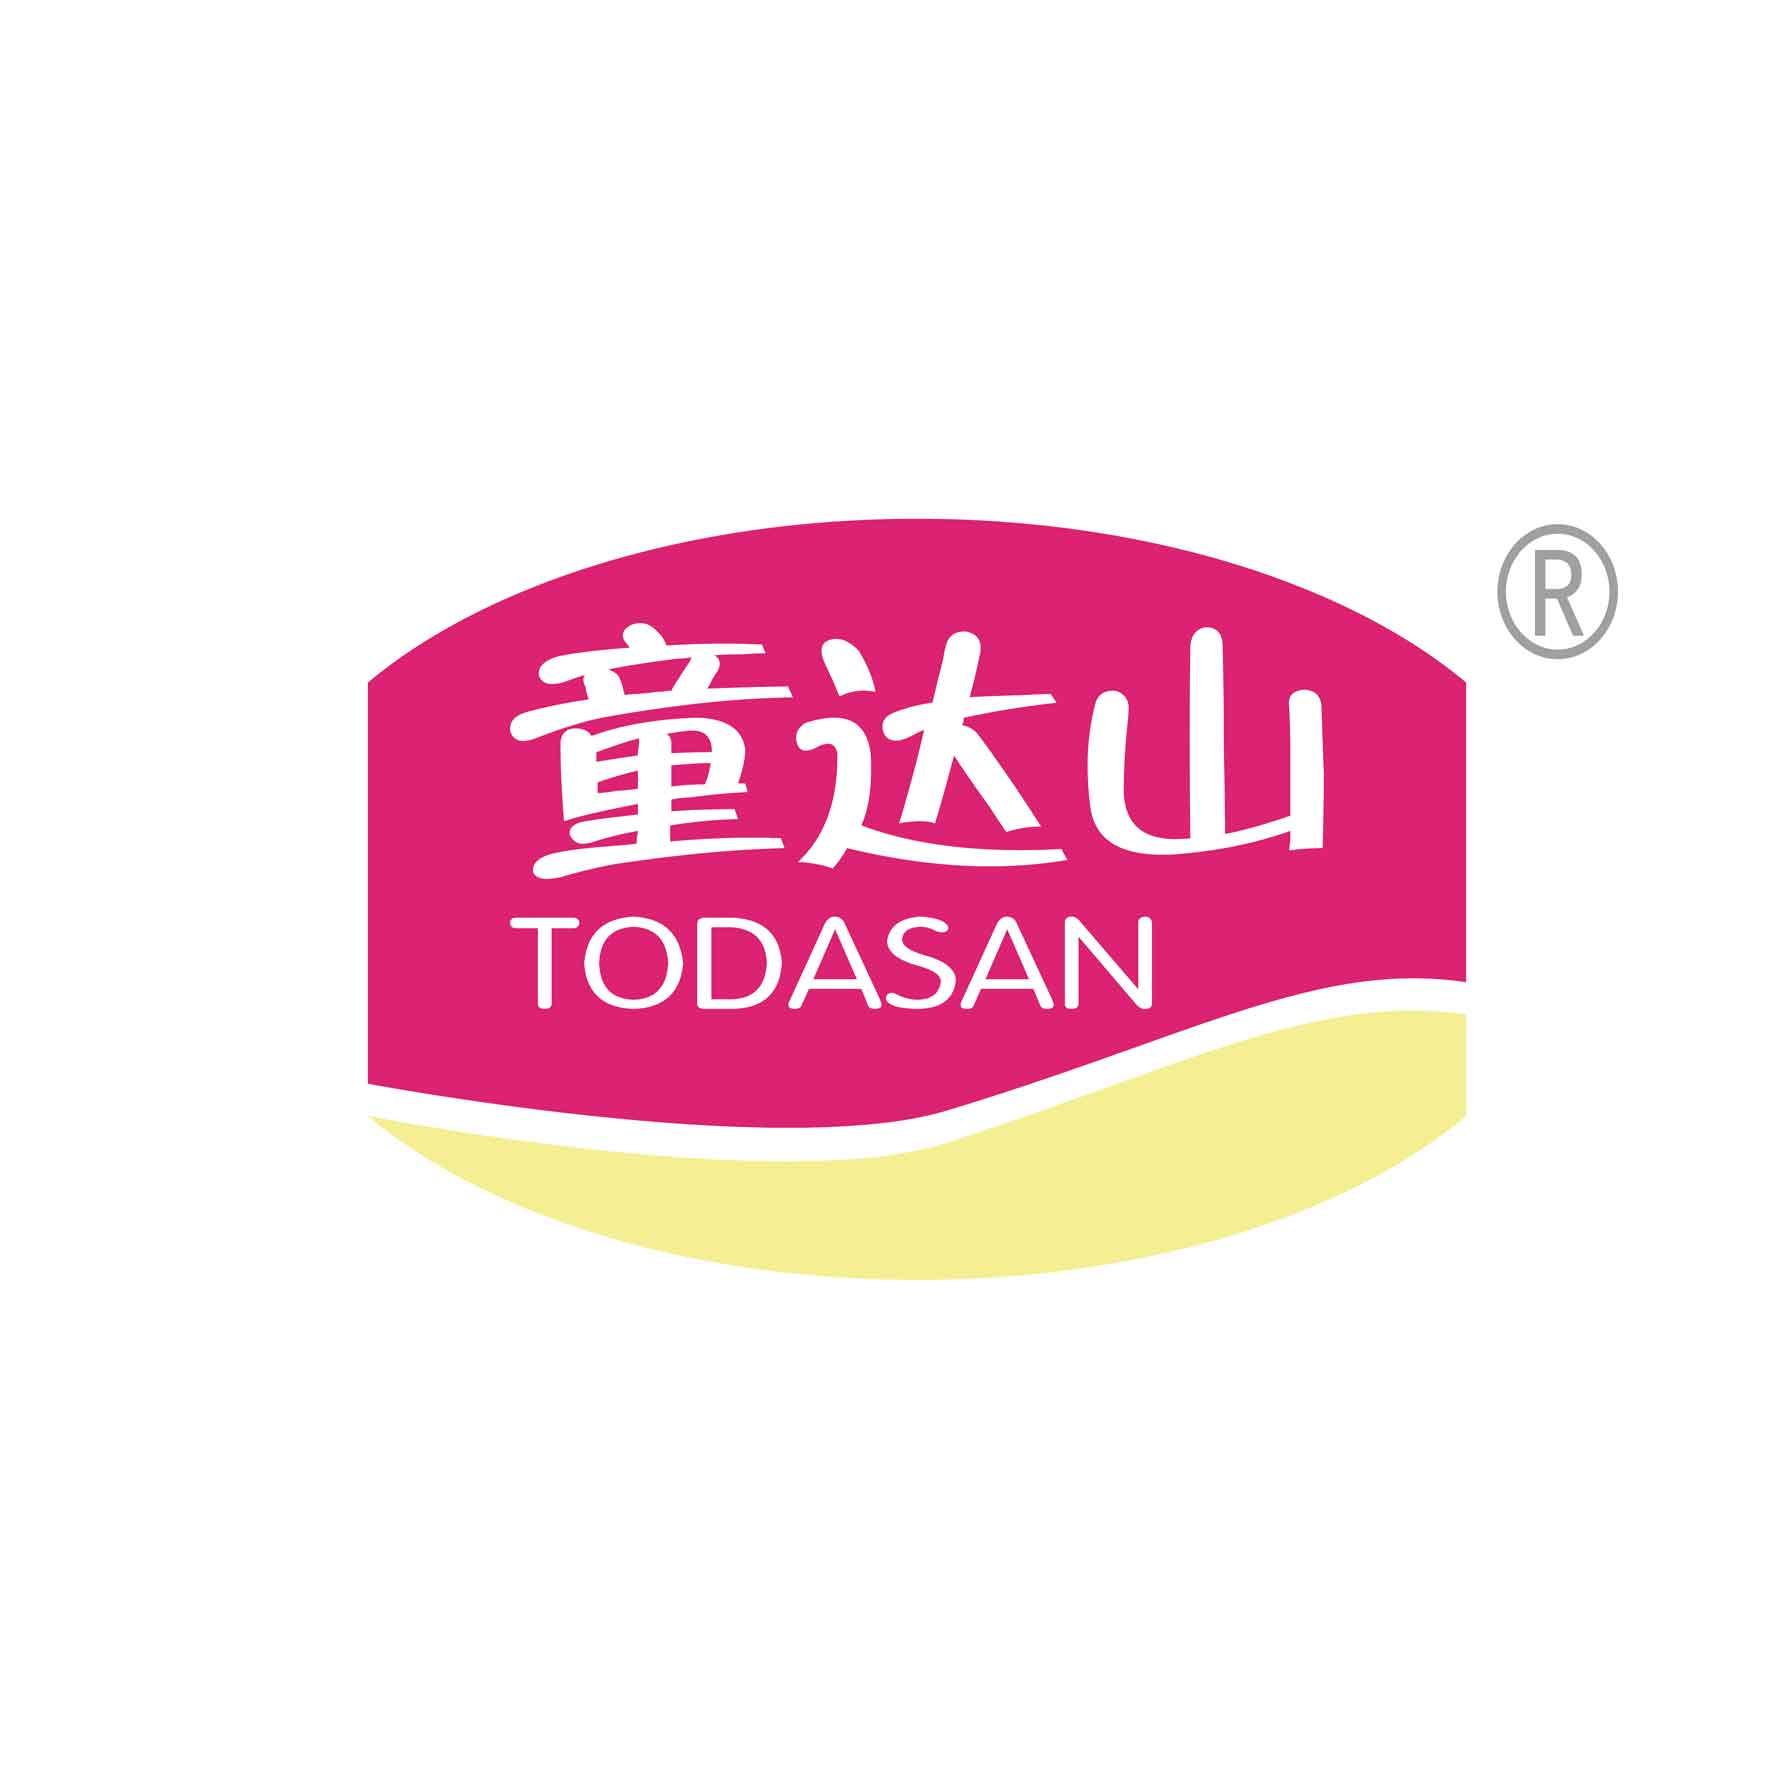 廣東童達山生物科技有限公司